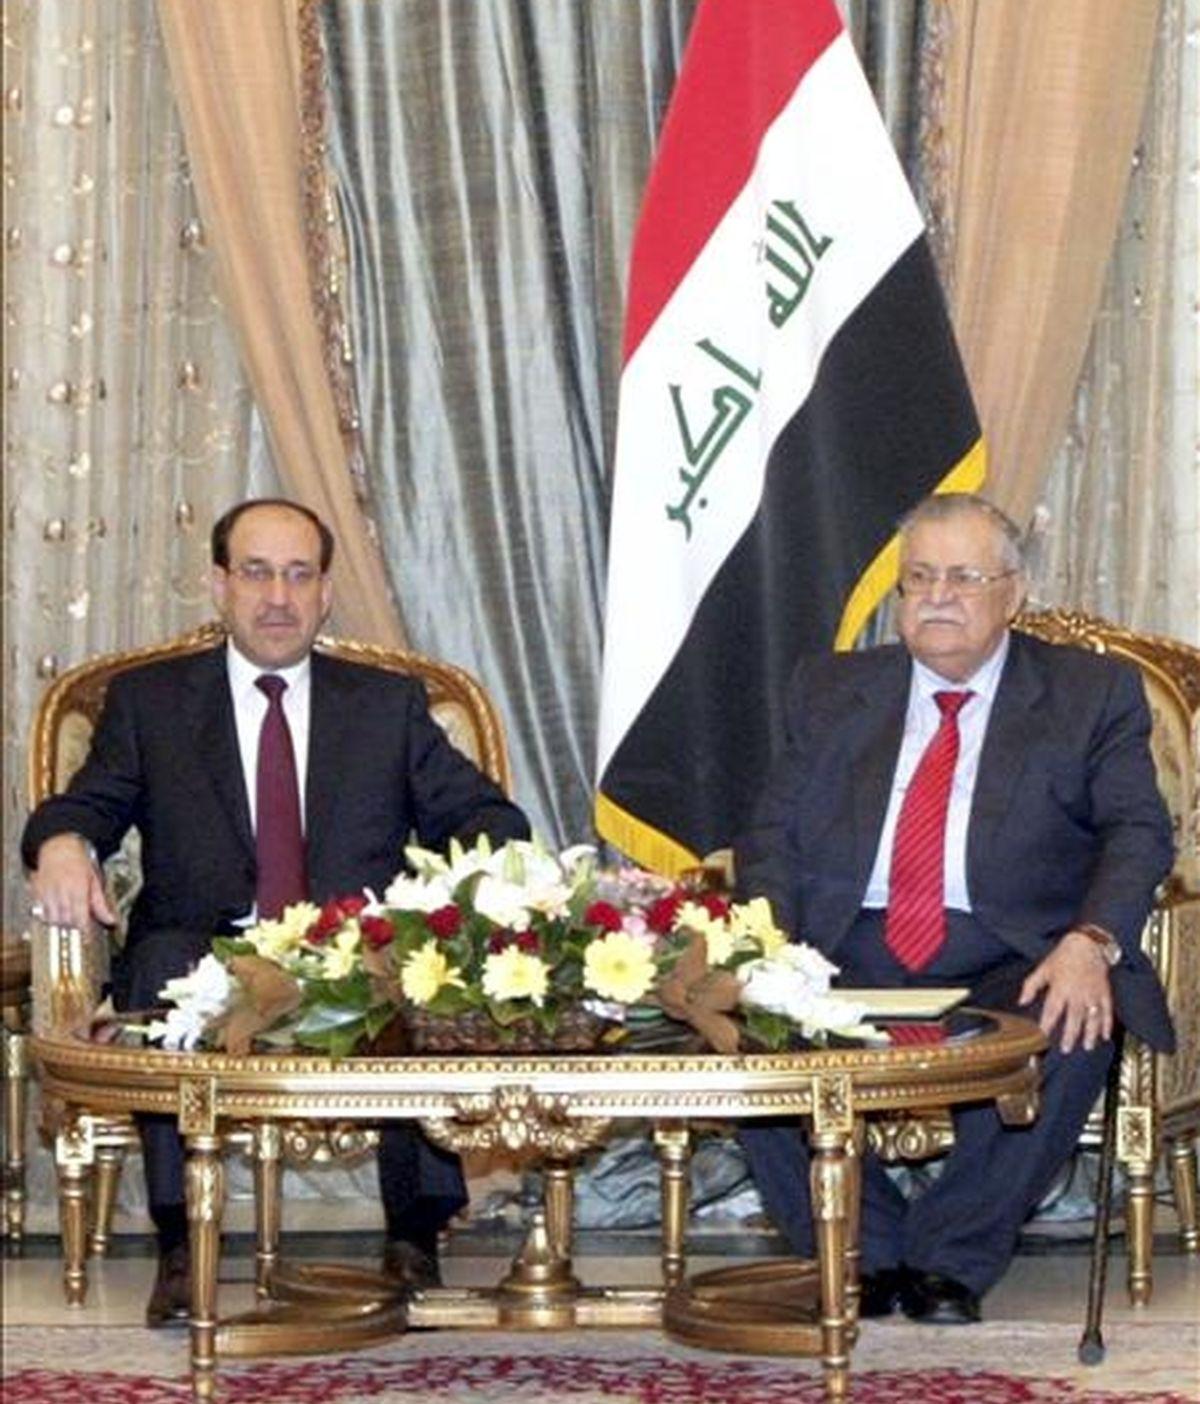 Imagen facilitada por el gobierno de Irak el pasado 25 de noviembre que muestra al presidente iraquí, Jalal Talabani, (d), junto al primer ministro Nuri al-Maliki, (i), durante la ceremonia oficial para asignar los nuevos cargos del gobierno de Maliki. EFE/Archivo